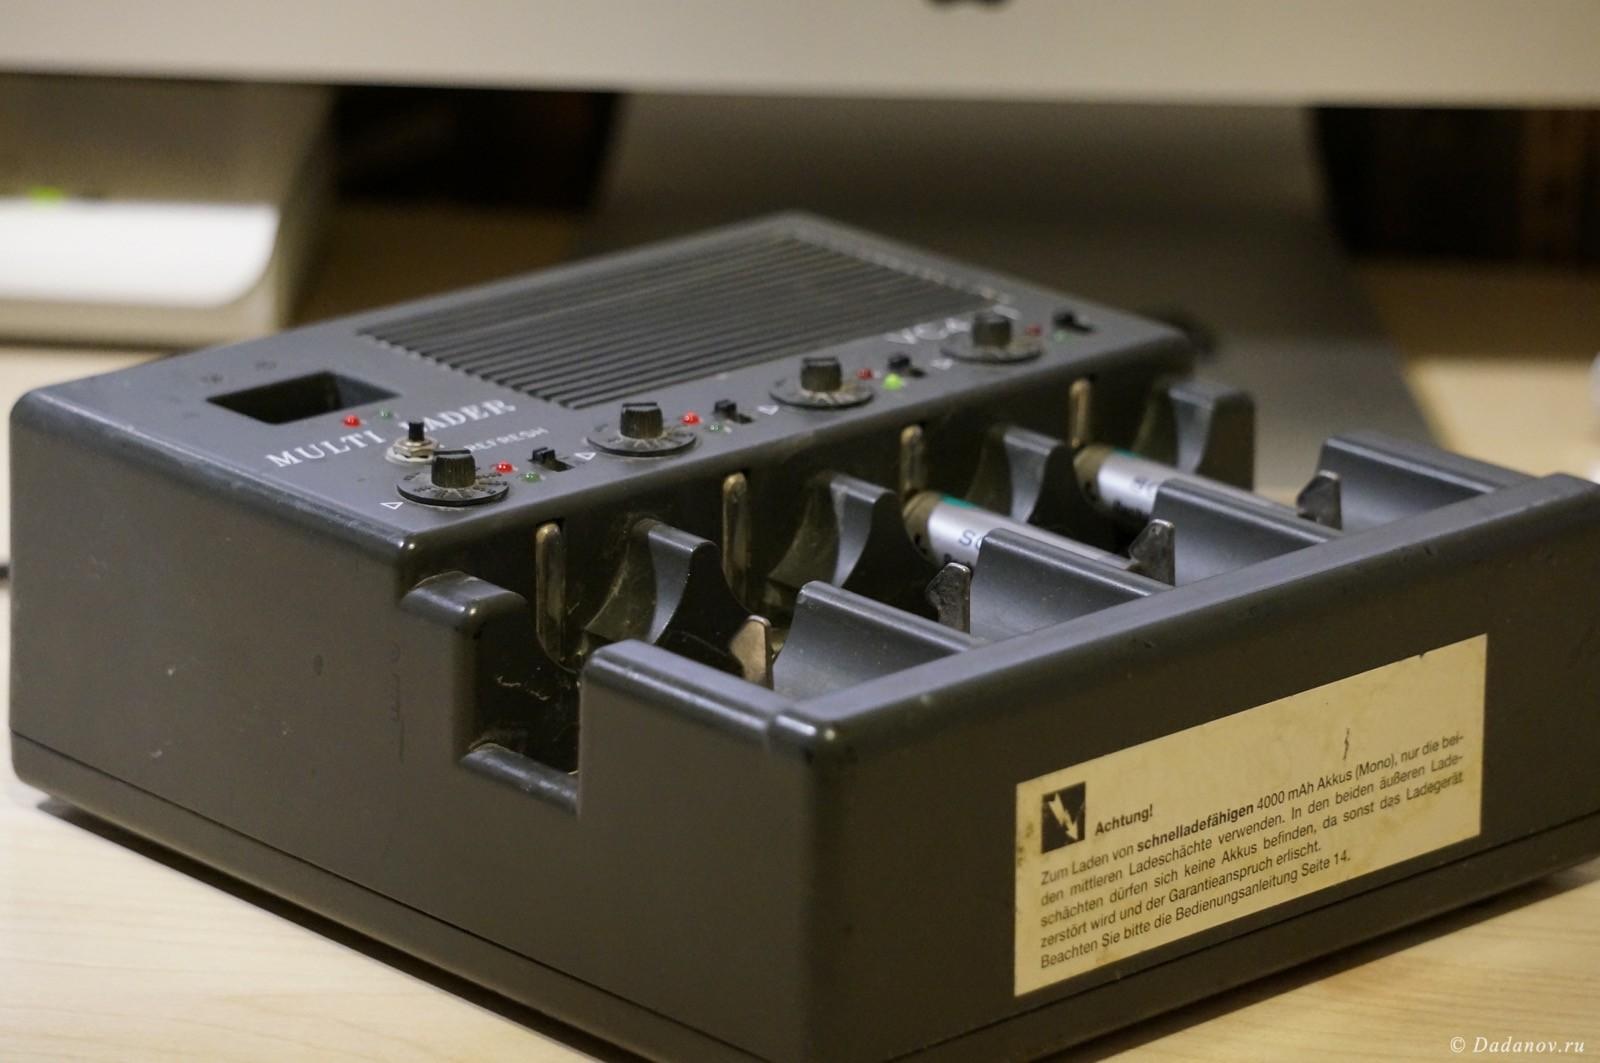 Вот так выглядит оригинальное зарядное устройство, которое я купил на аукционе, очень уж сильно захотелось подержать в руках и попользоваться таким интересным устройством, посмотреть его схемотехнику